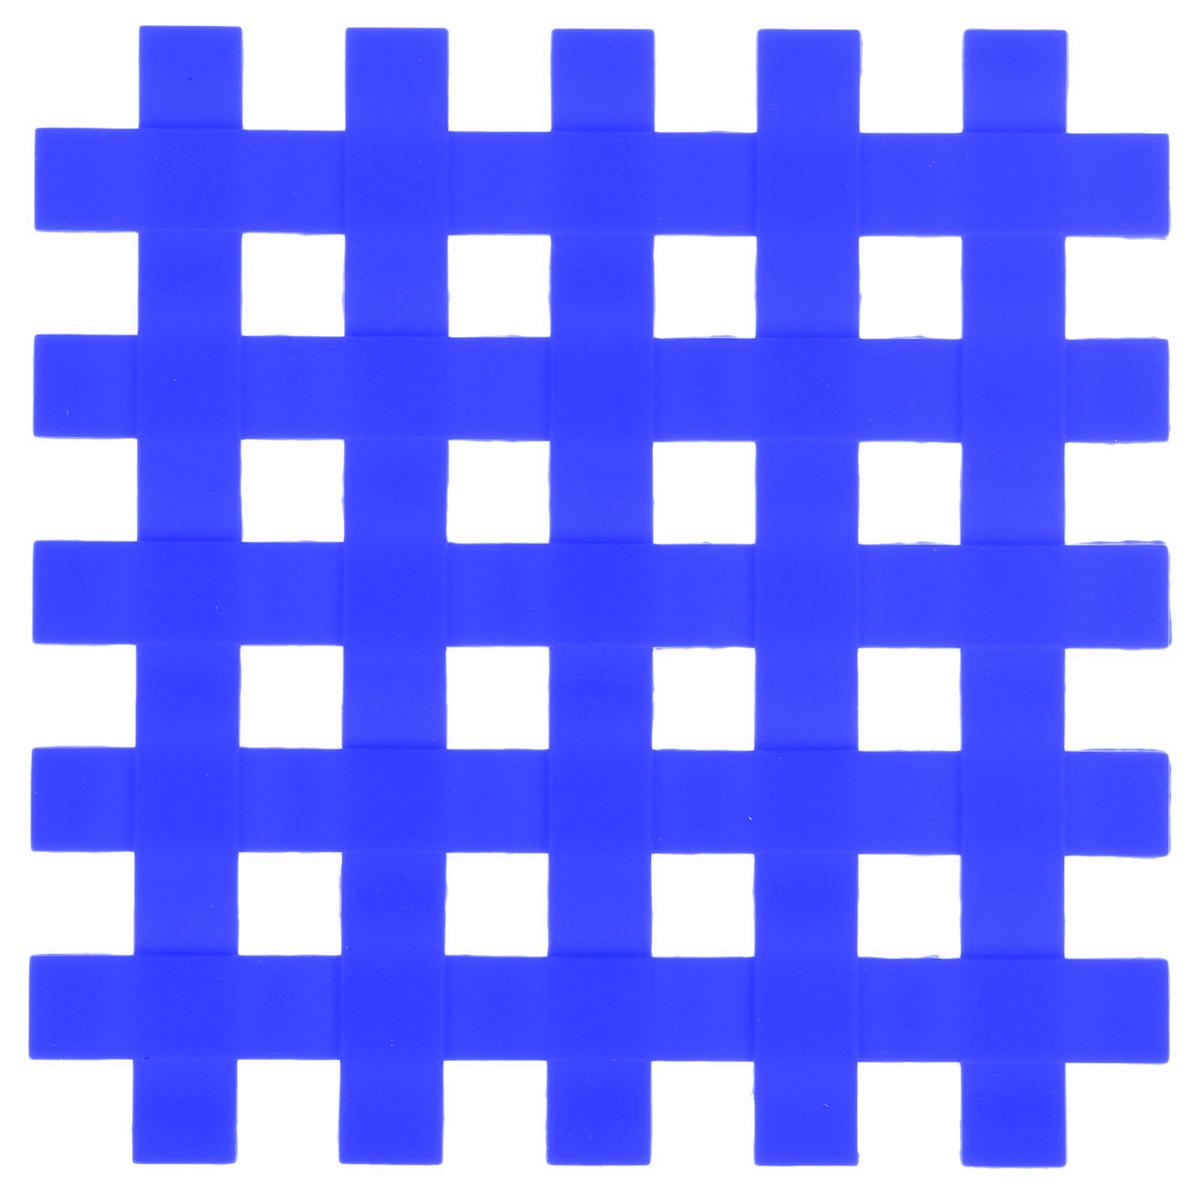 Подставка под горячее Доляна Клетка, цвет: синий, 17 x 17 см811893_синийСиликоновая подставка под горячее — практичный предмет, который обязательно пригодится в хозяйстве. Изделие поможет сберечь столы, тумбы, скатерти и клеёнки от повреждения нагретыми сковородами, кастрюлями, чайниками и тарелками.